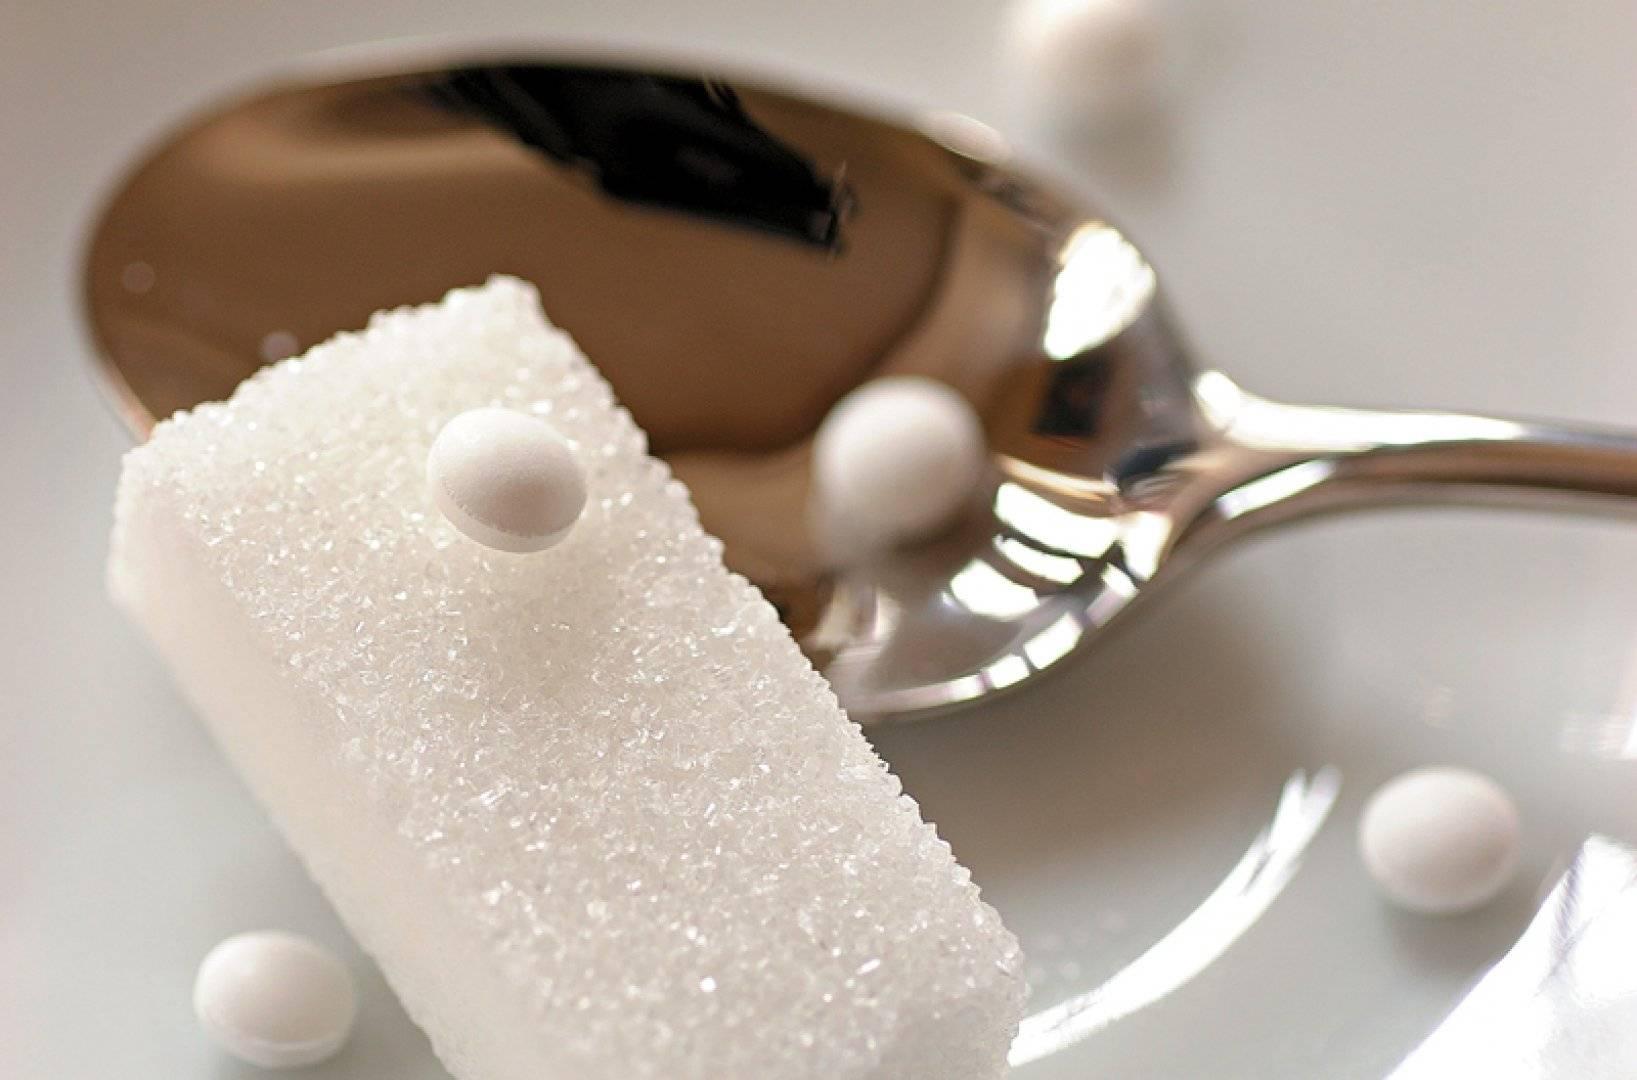 Фруктоза: польза и вред, состав, можно ли при сахарном диабете, отзывы